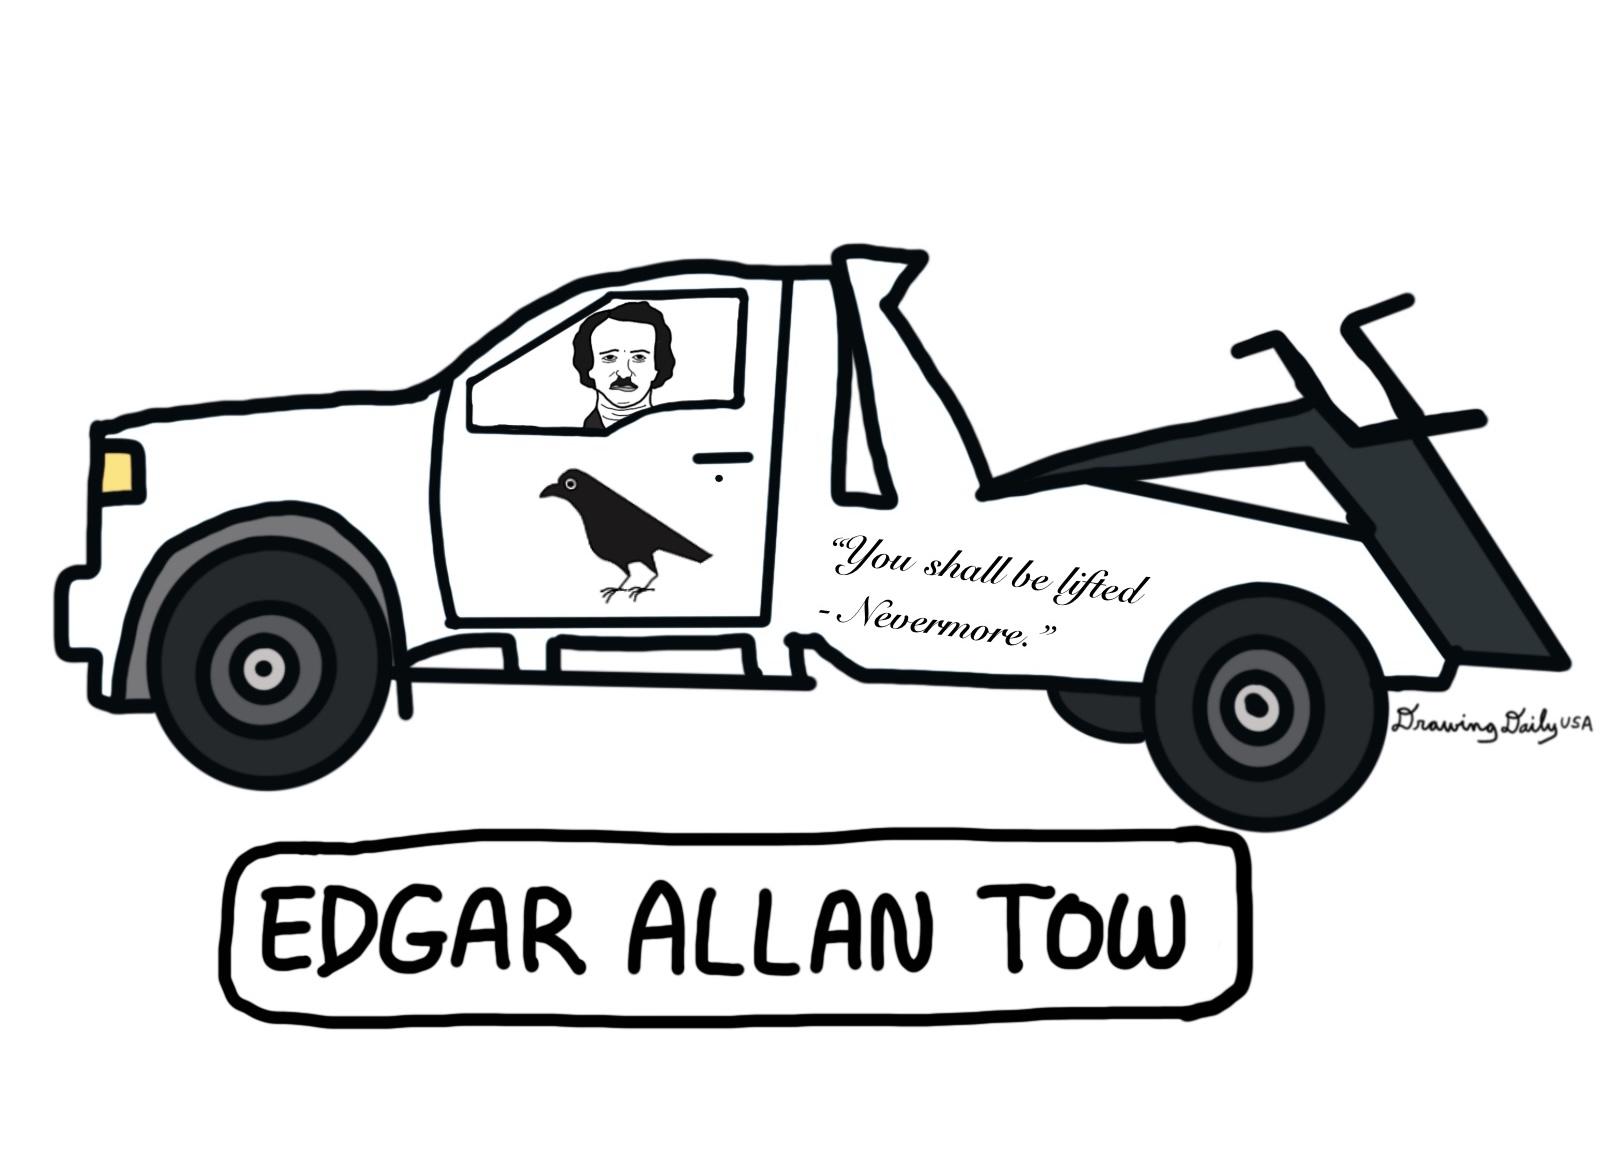 Edgar Allan Tow